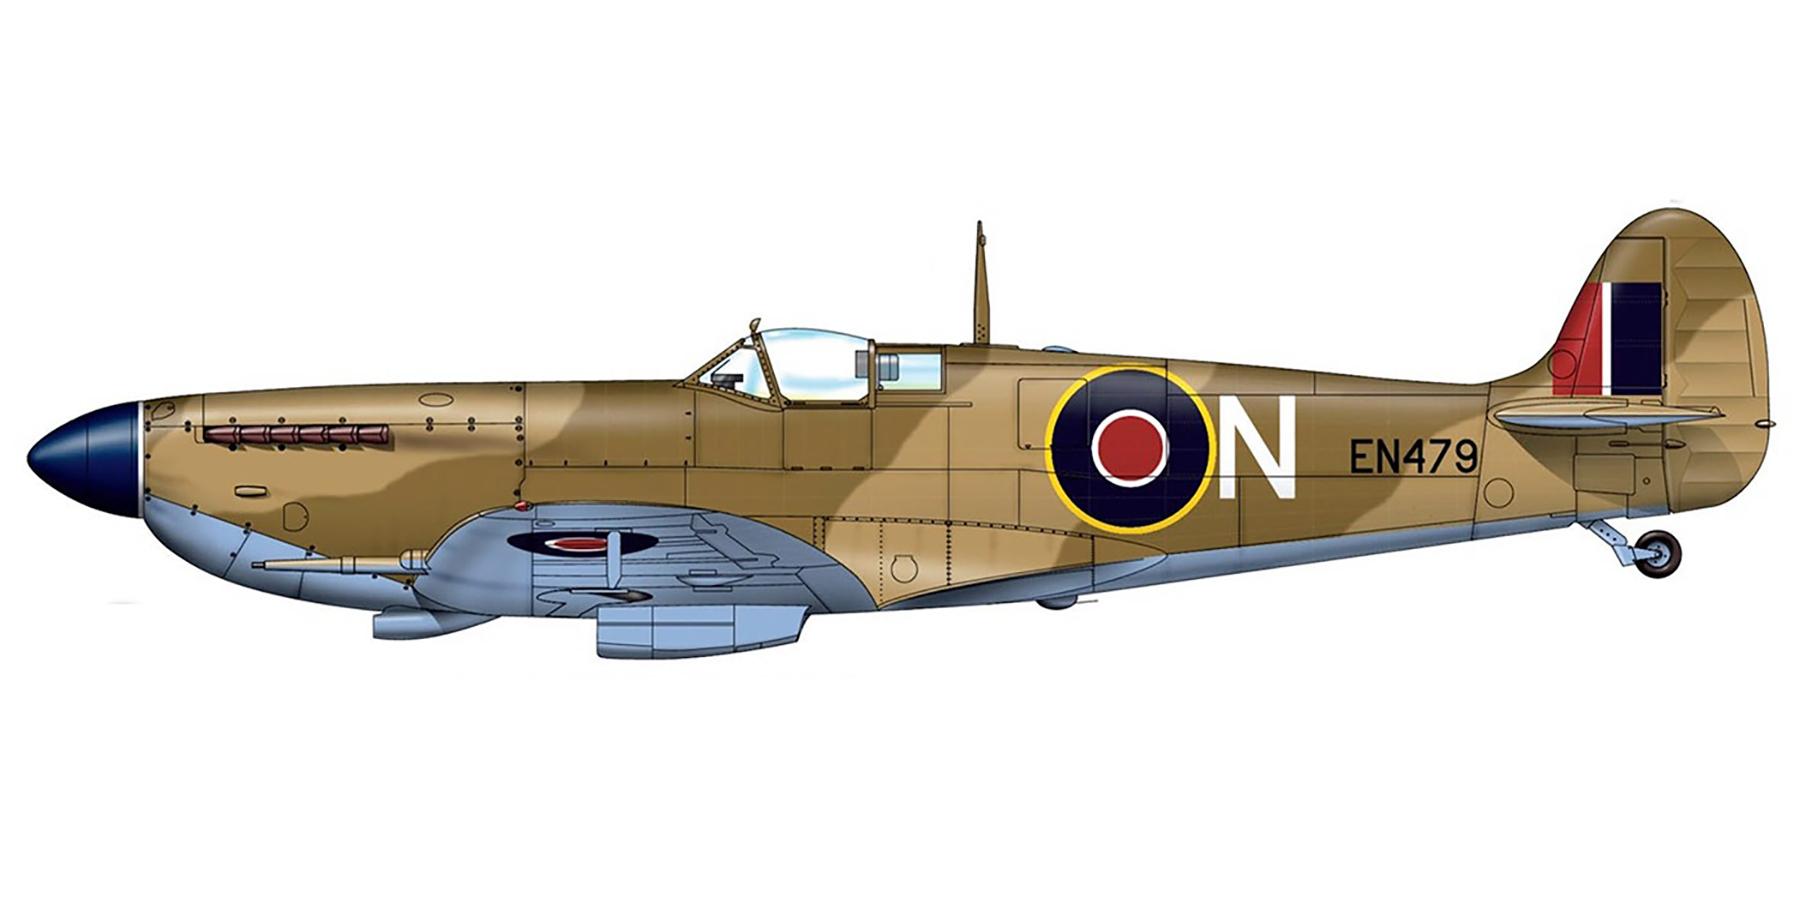 Spitfire MkIX RAF 126Sqn N EN479 Safi Malta 1943 0A